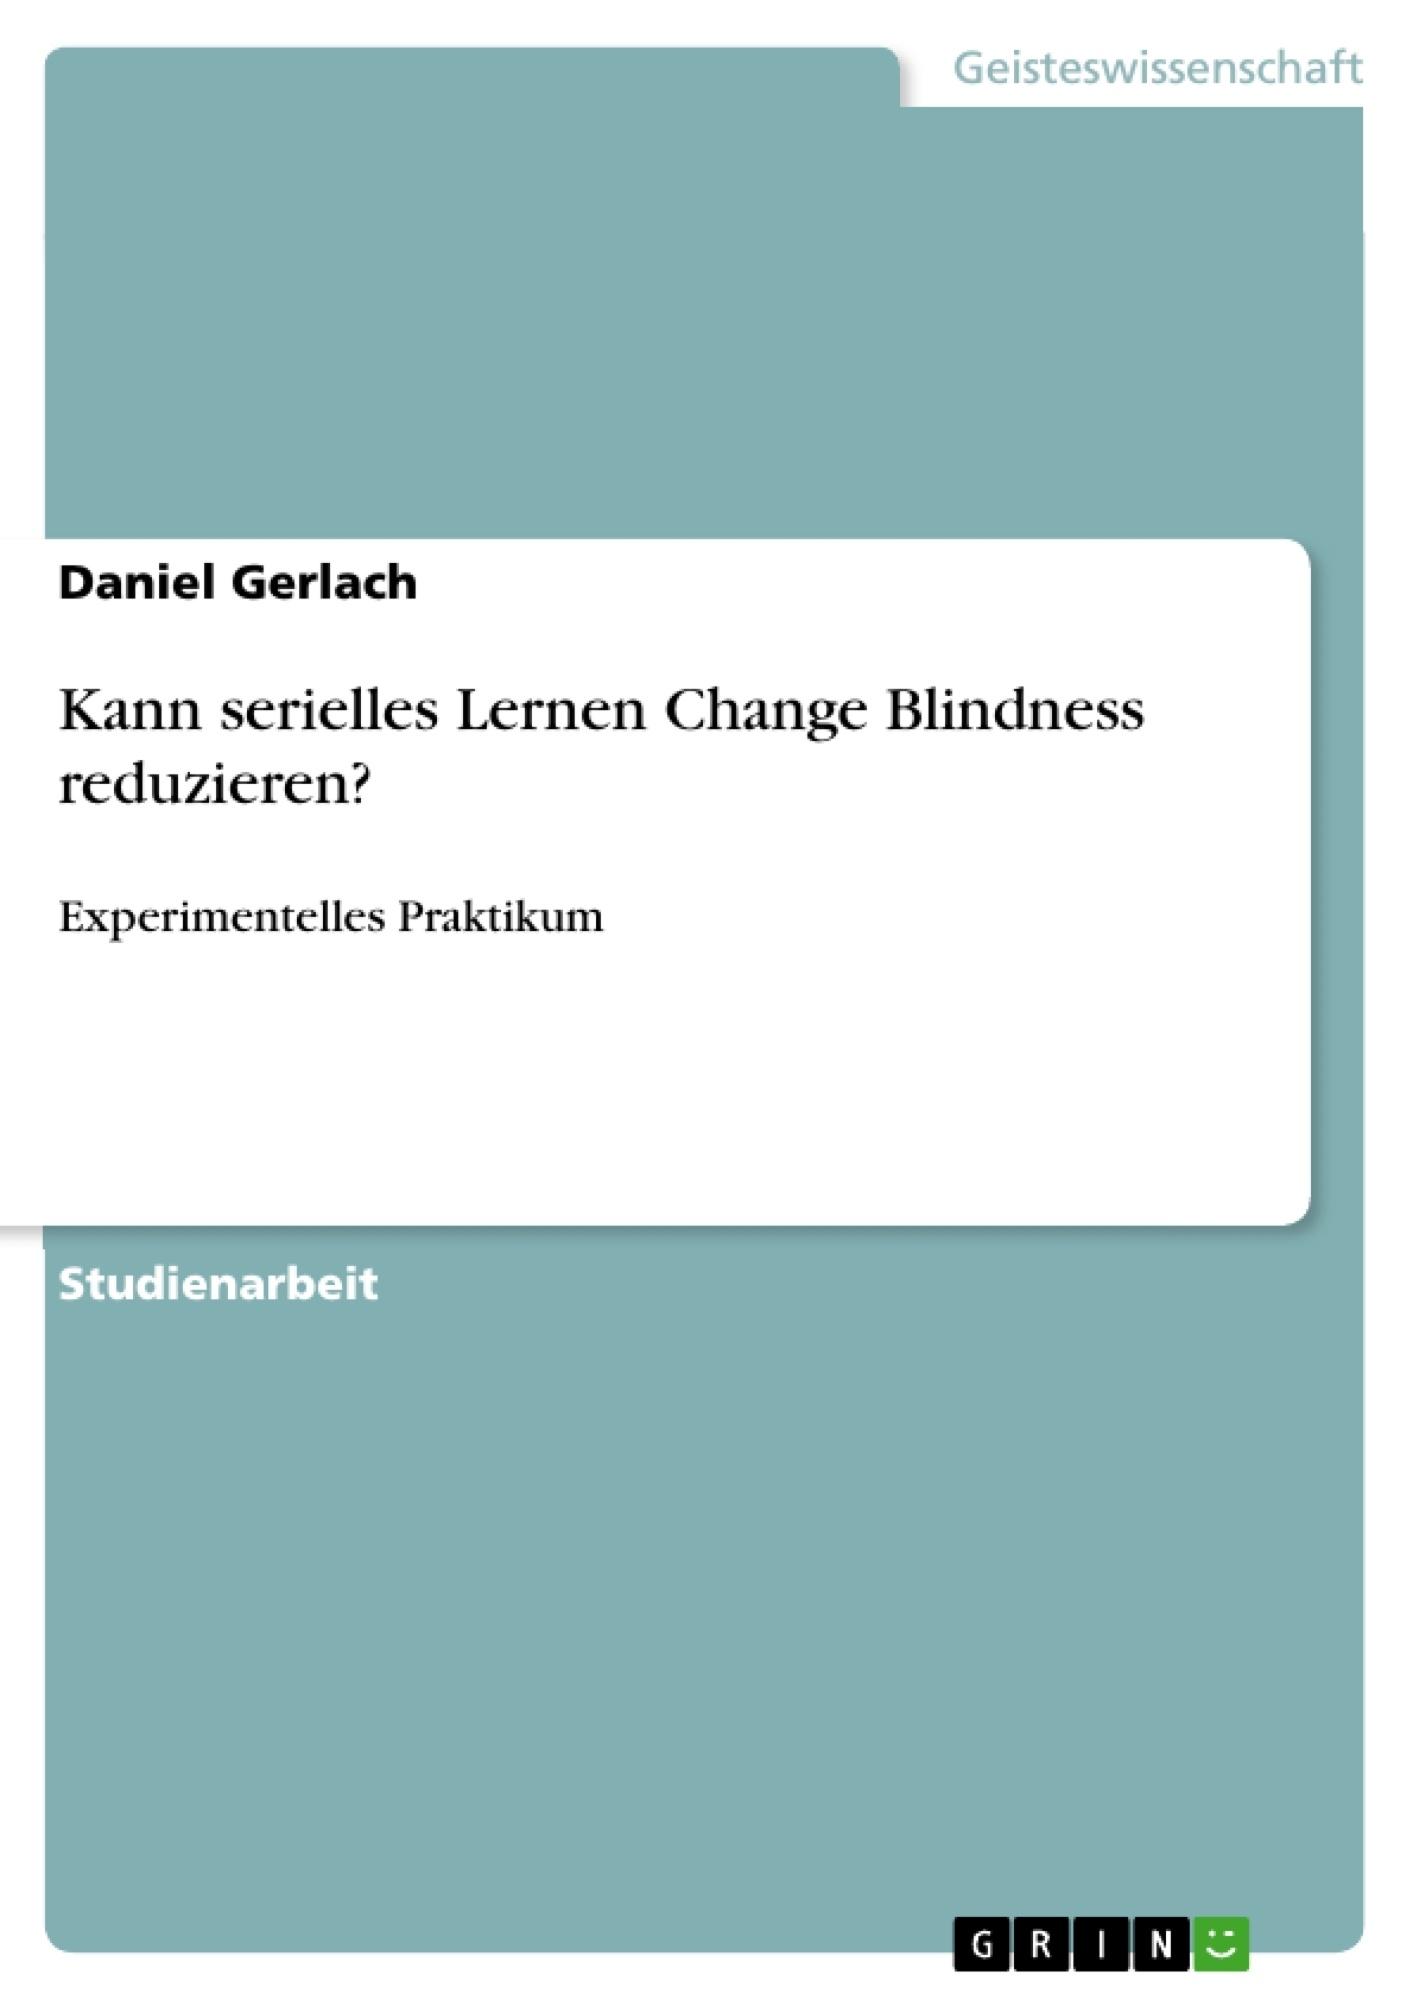 Titel: Kann serielles Lernen Change Blindness reduzieren?